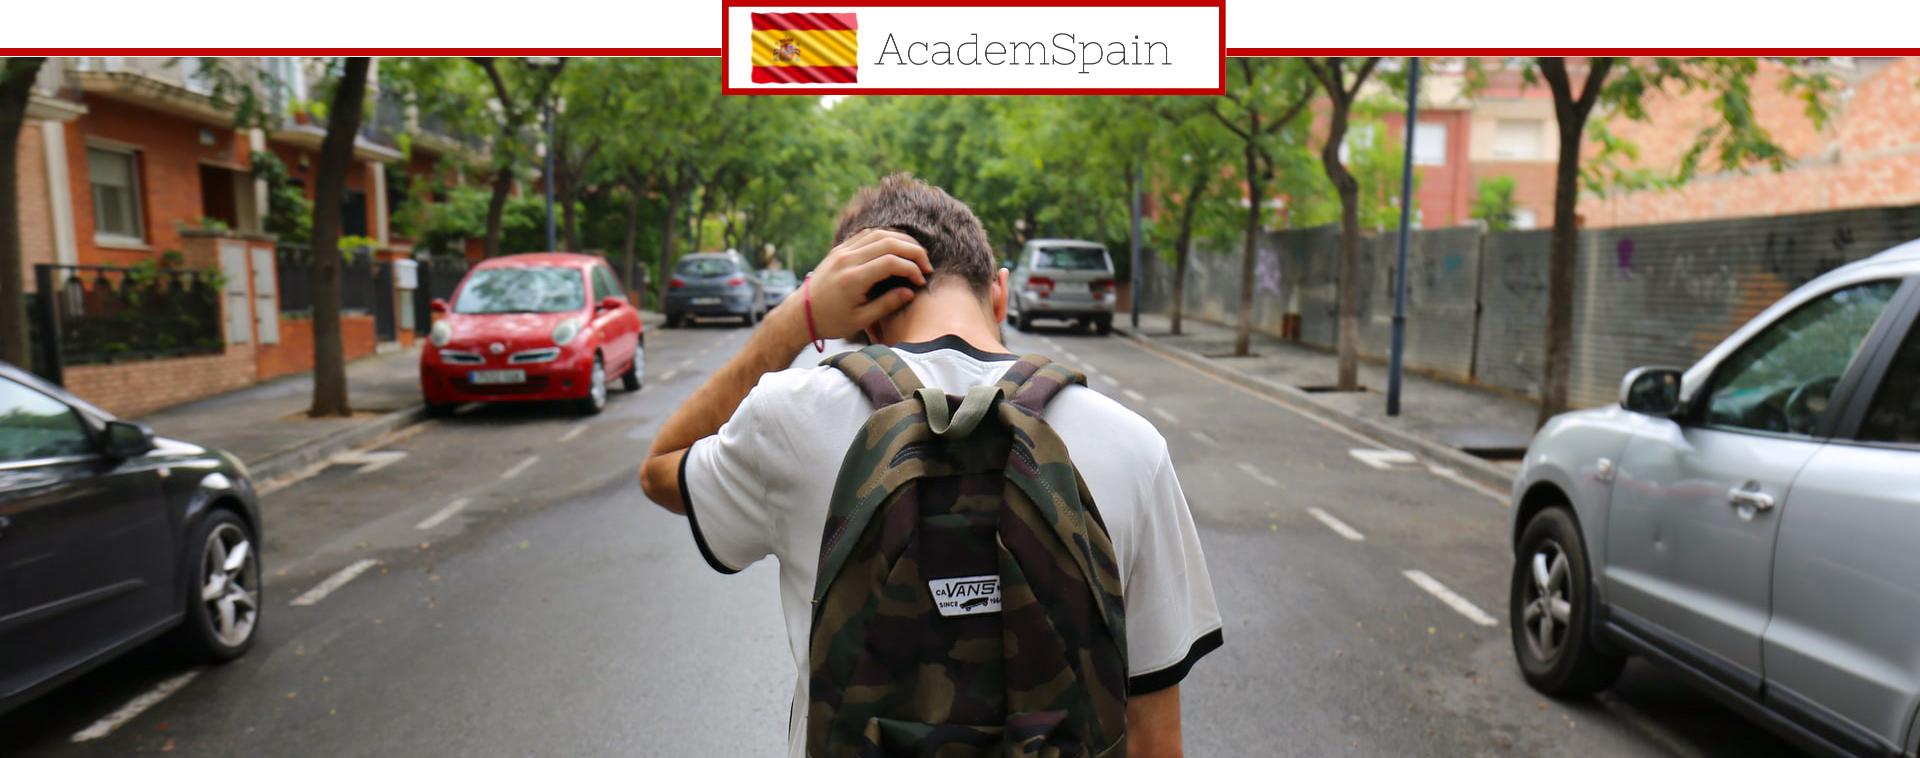 Каждый третий испанский выпускник недоволен своим выбором